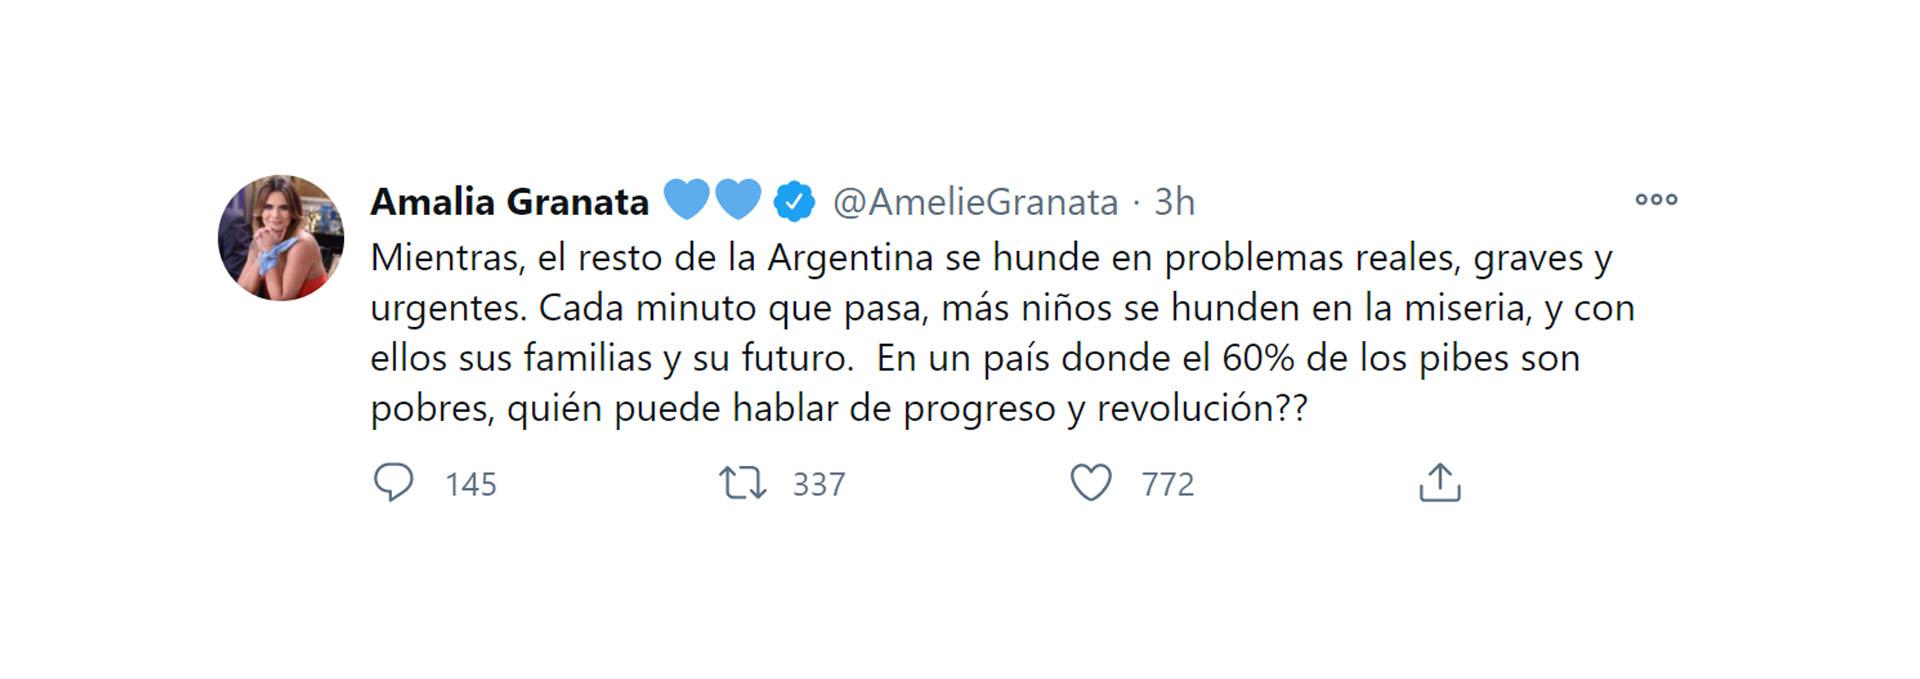 El descargo de Amalia Granata tras la legalización del aborto